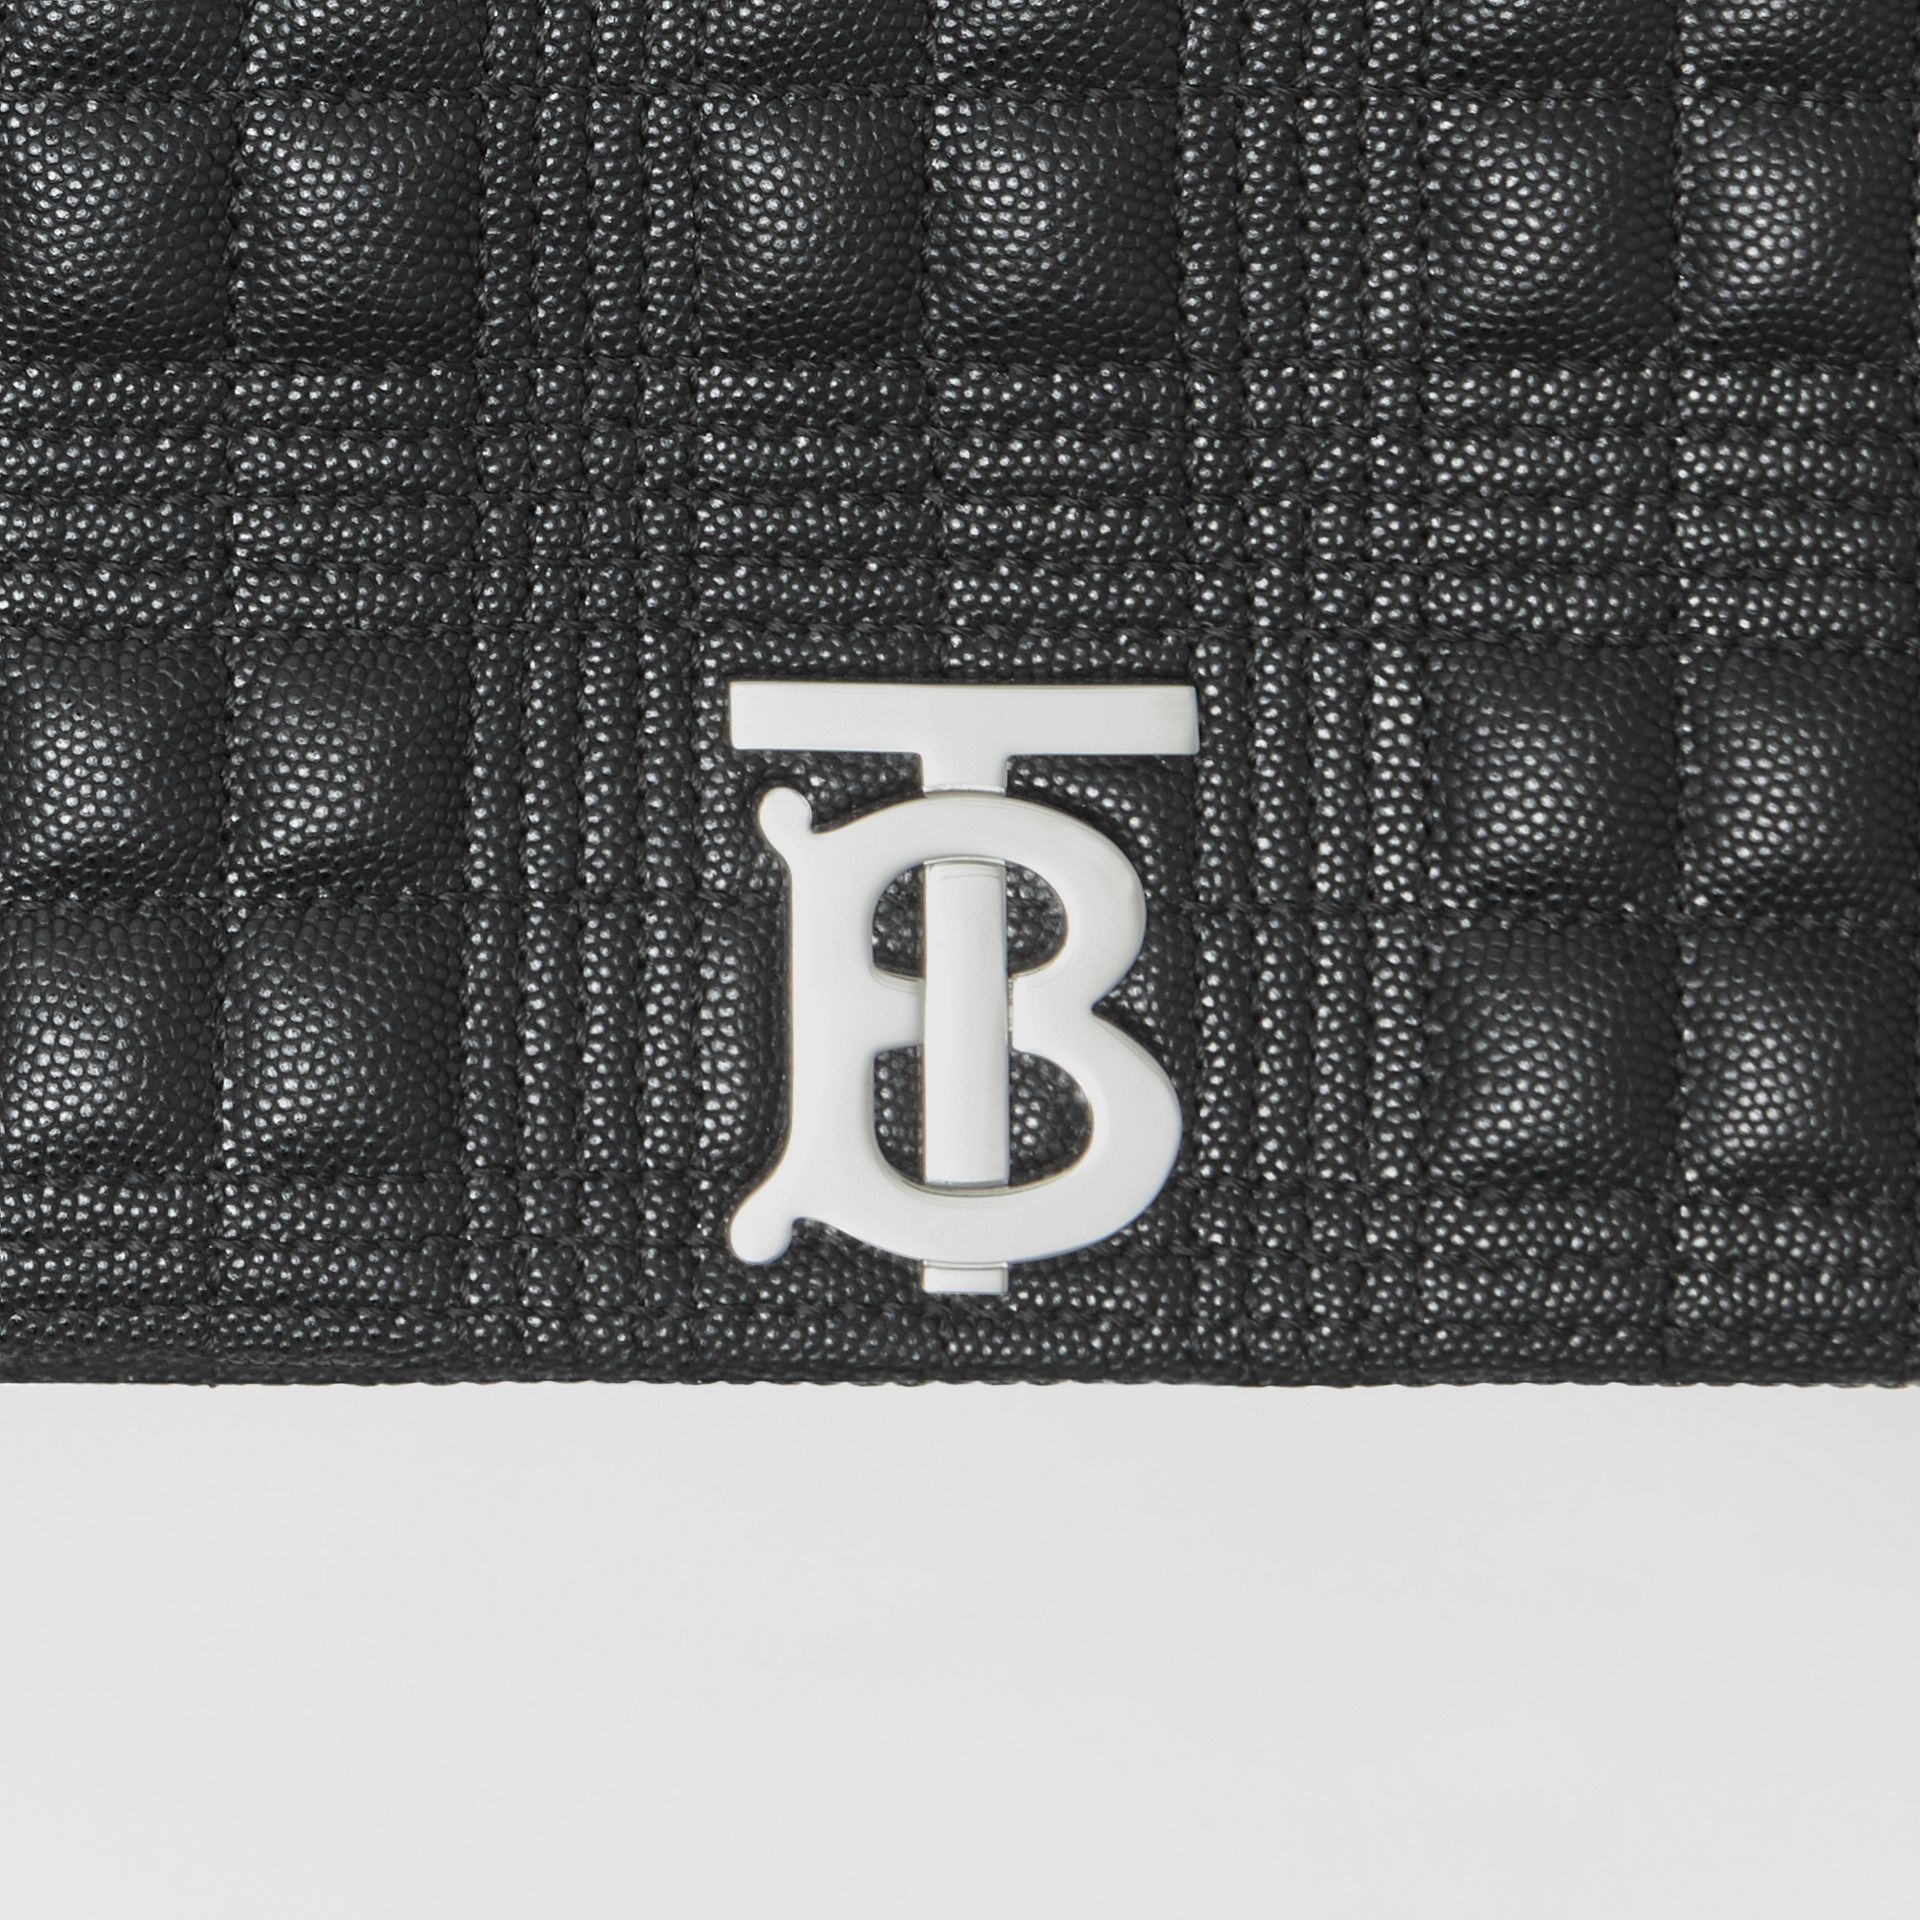 Bolsa Lola acolchoada em couro granulado - Pequena (Preto) | Burberry - galeria de imagens 1